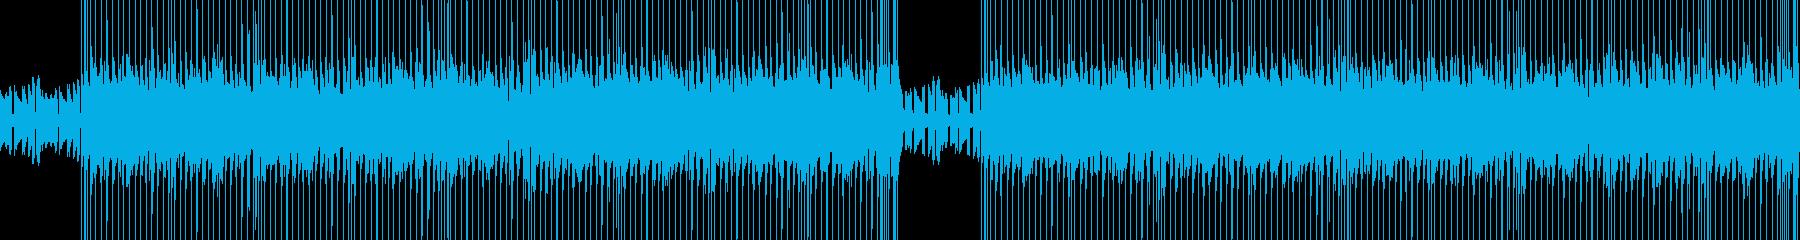 【イベント】祈りなジャームス (ループ)の再生済みの波形